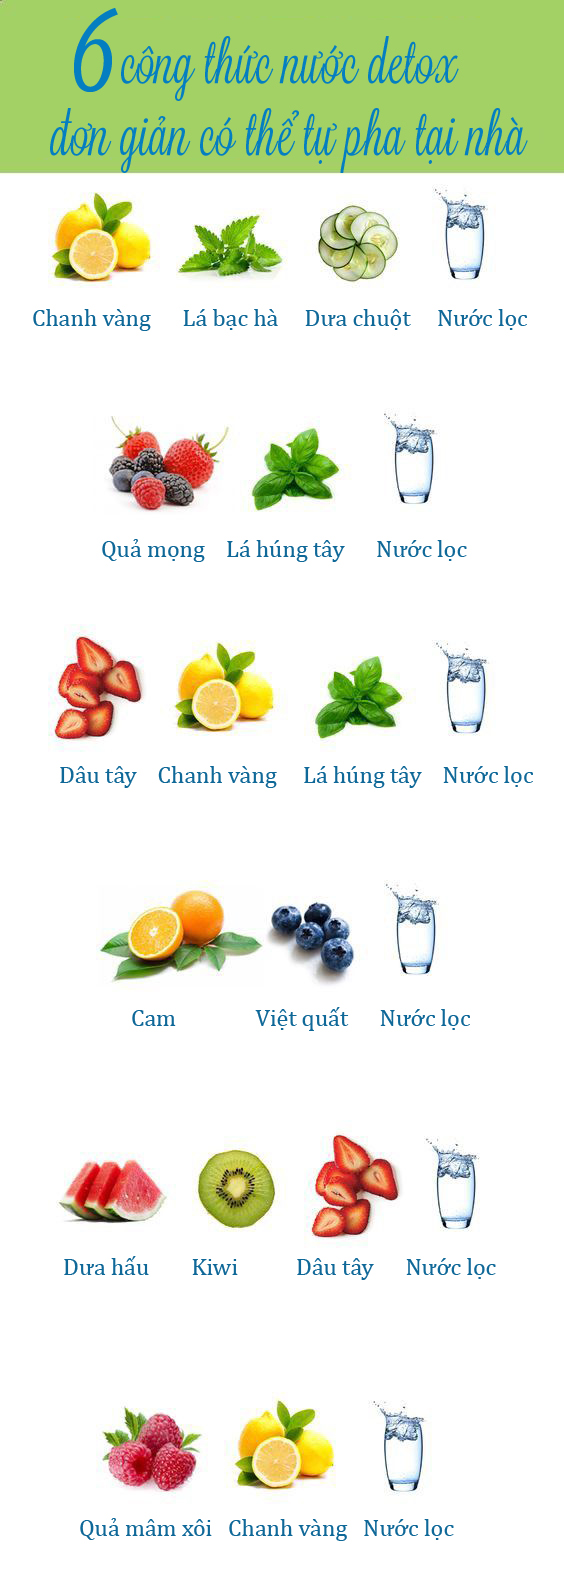 6-cong-thuc-nuoc-thanh-loc-co-the-giup-giam-can-de-dang-hon